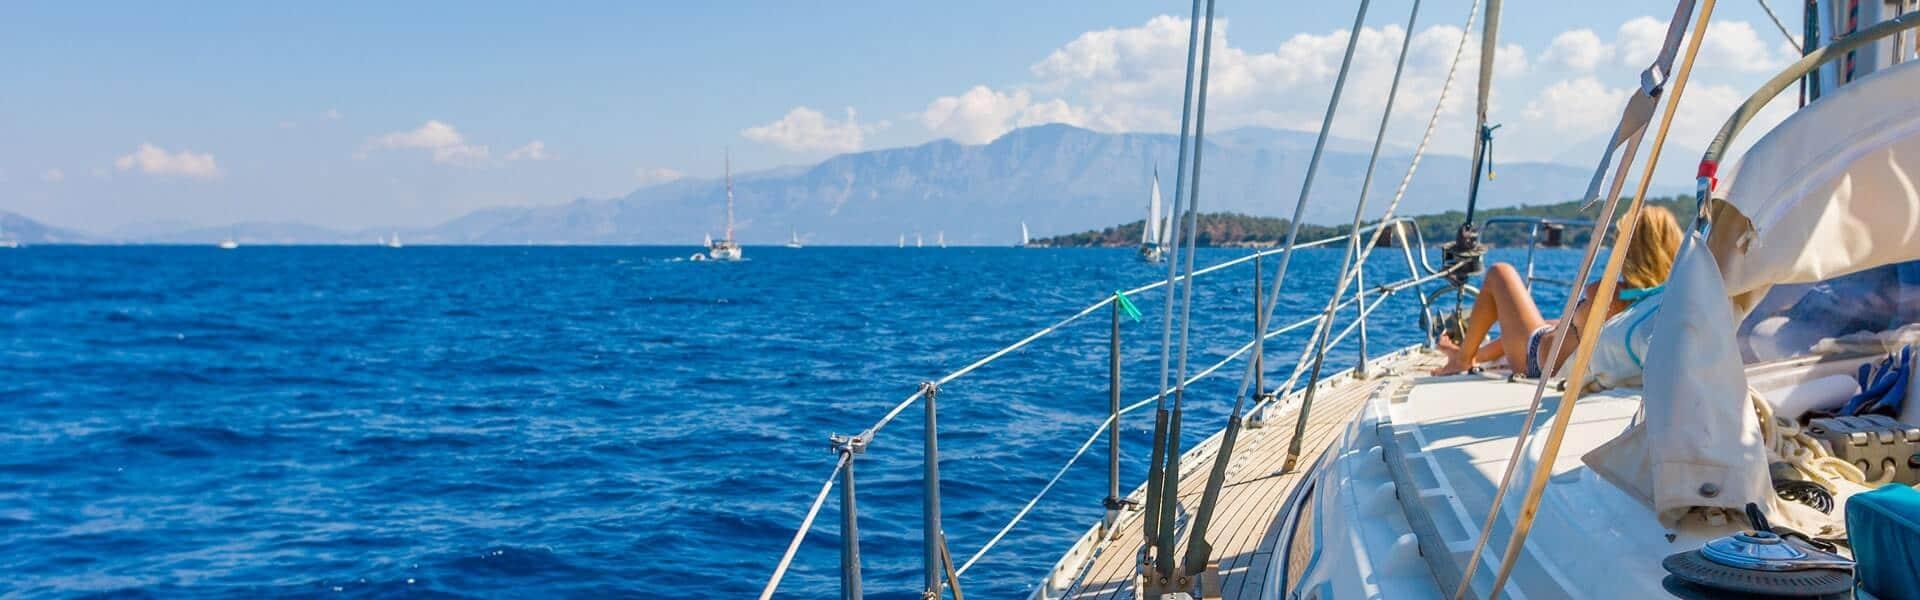 Segeltörn im Mittelmeer mit eigenem Boot und Skipper als Incentive Reise für Firmen